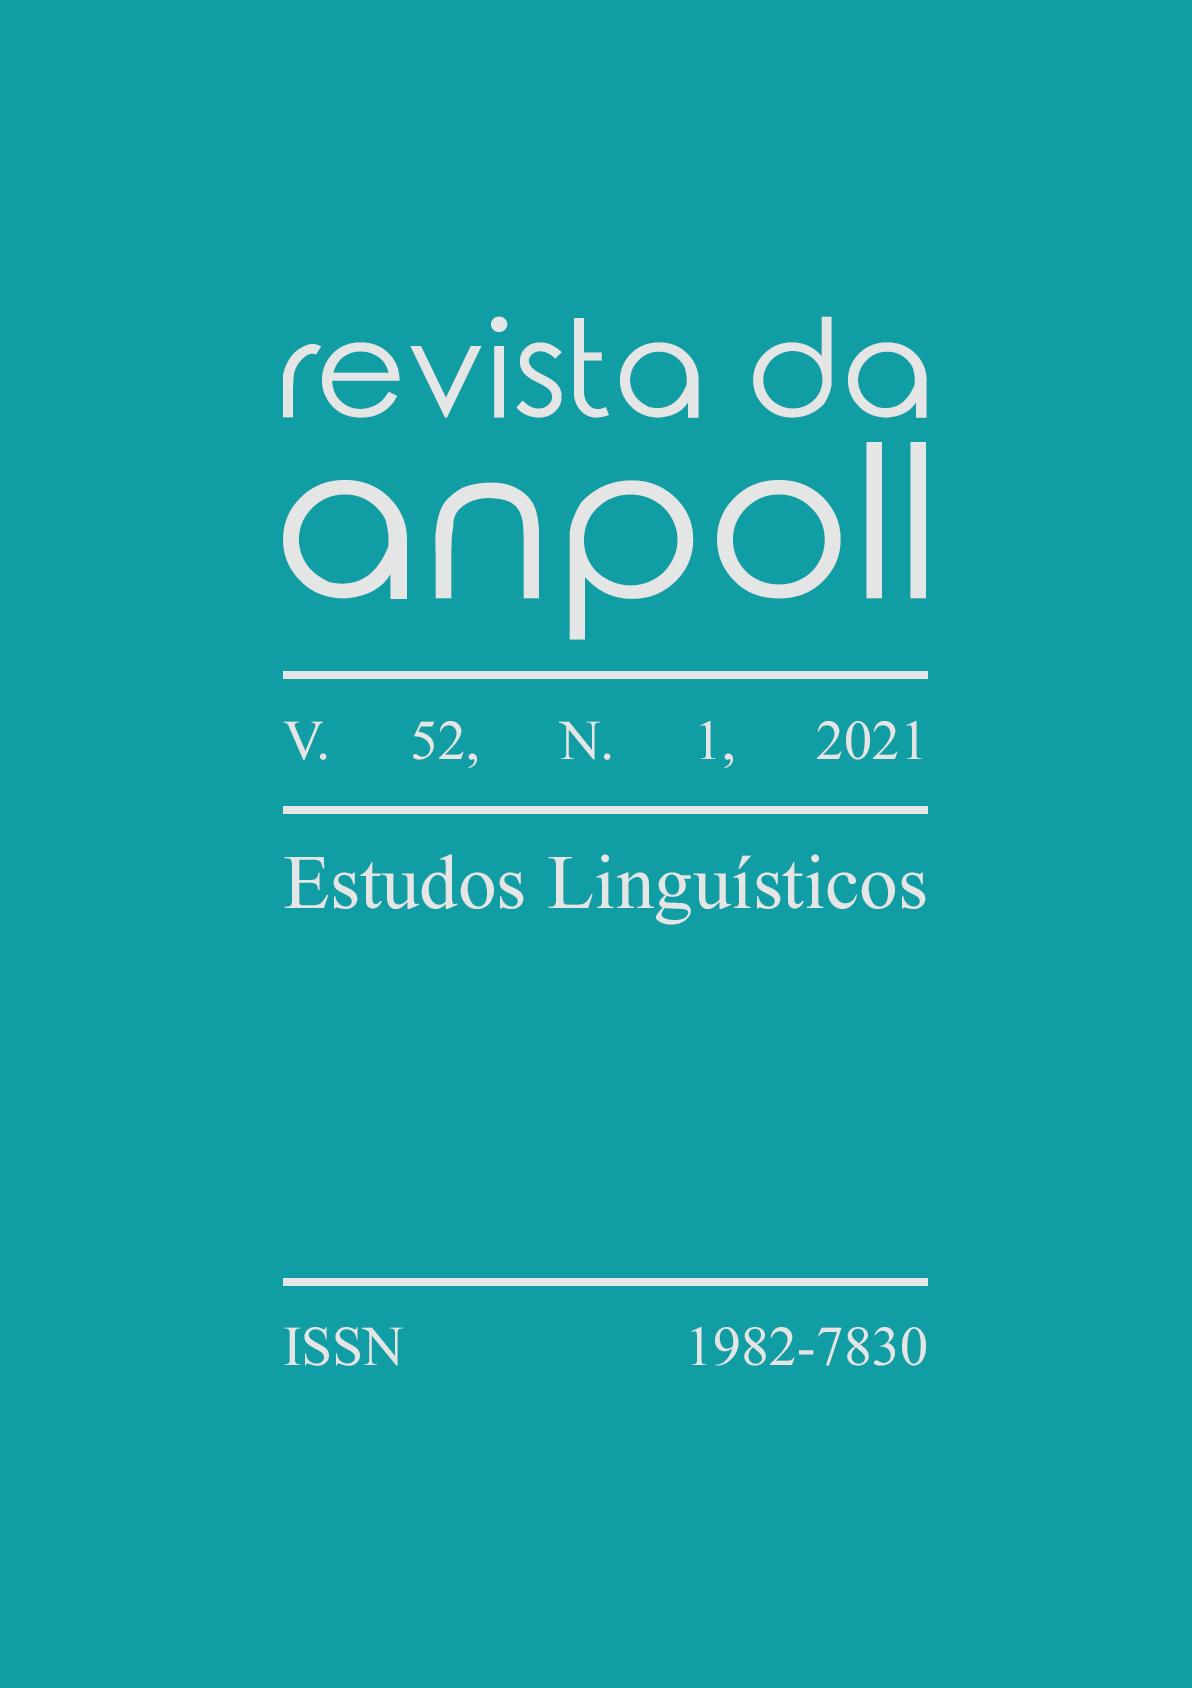 Capa do v. 52, n. 1, 2021, da Revista da Anpoll, dedicado aos Estudos Linguísticos.